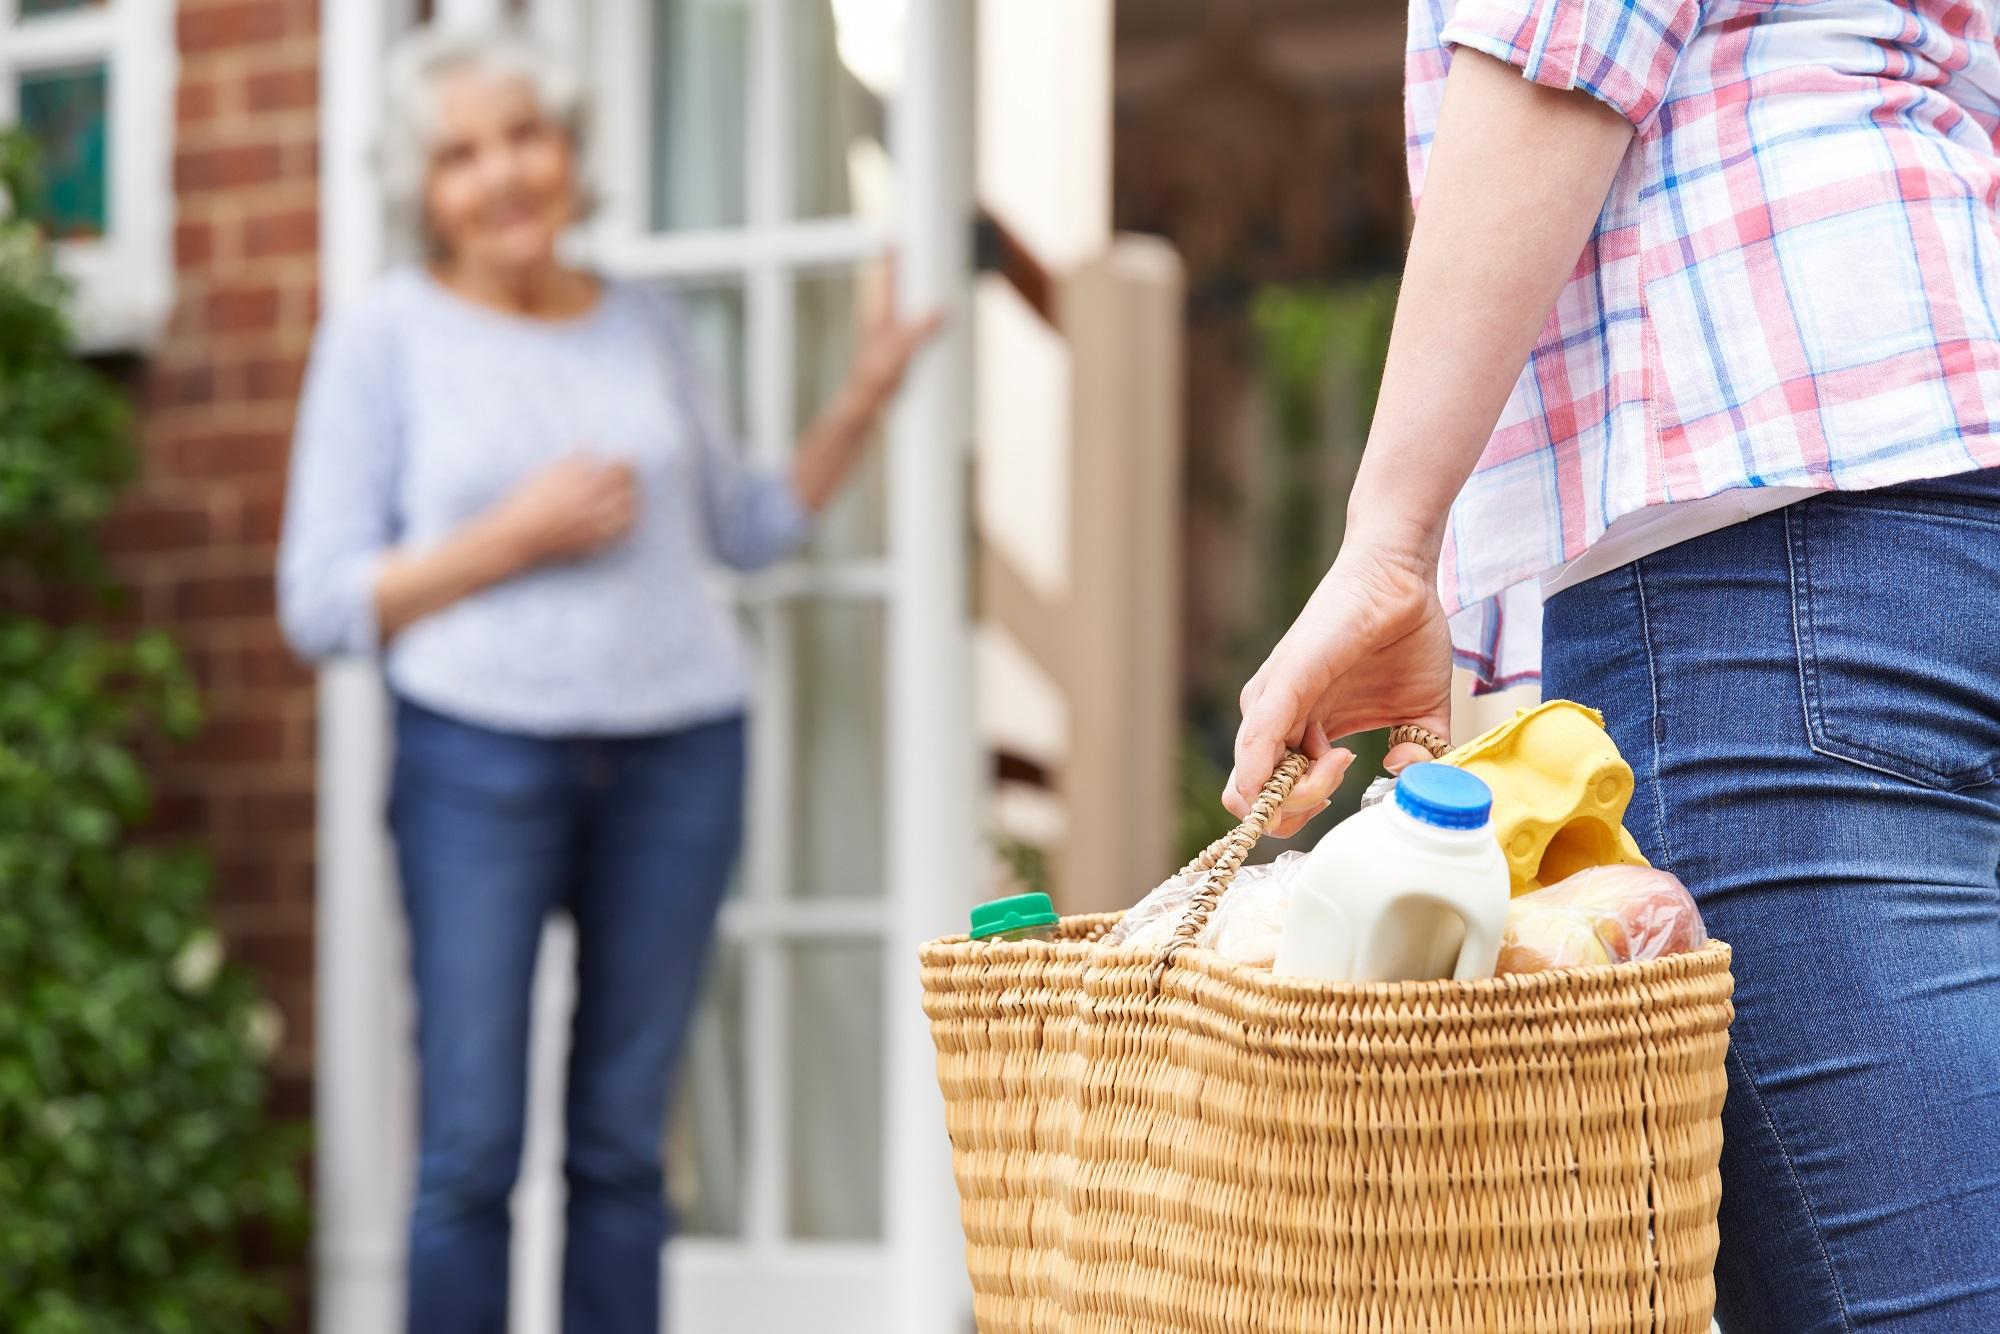 Des spécialistes du ménage à votre domicile ? C'est possible ! 2